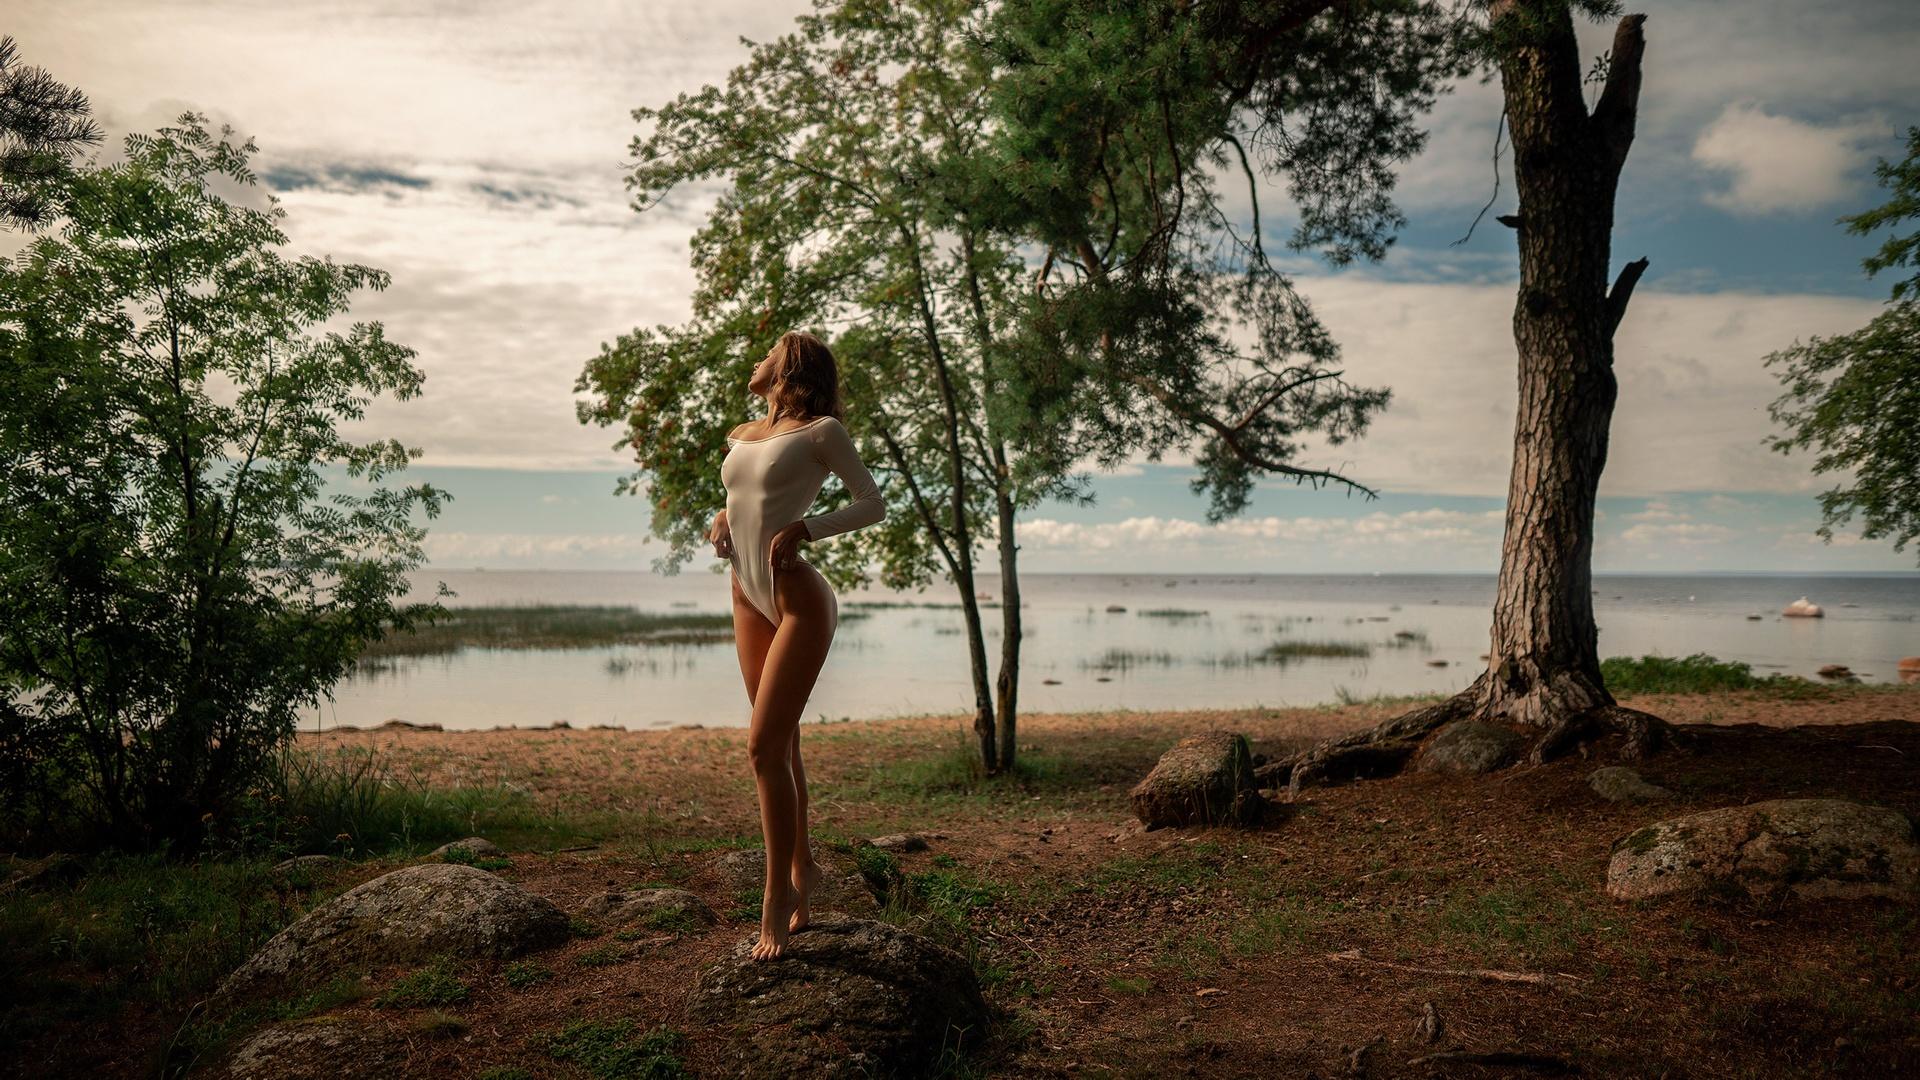 природа обои, пейзаж, девушка, алекс159 растягивает обоины как свое очко